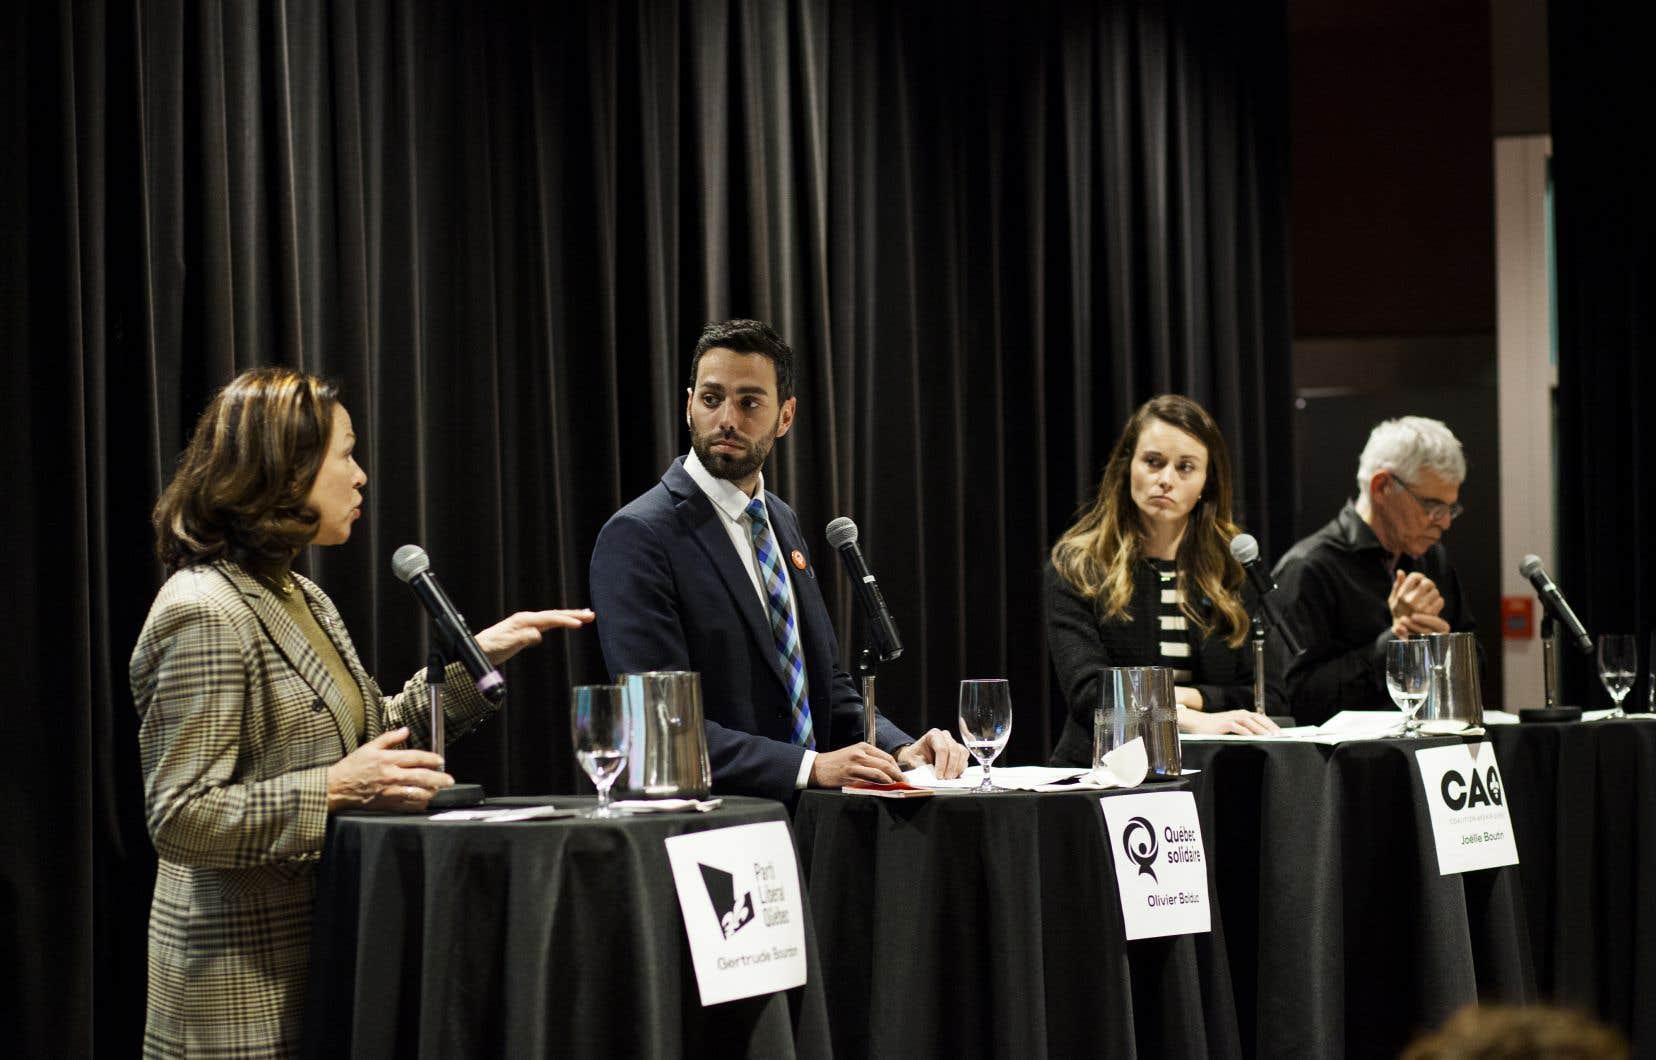 Les quatre candidats, Gertrude Bourdon (PLQ), Olivier Bolduc (QS), Joëlle Boutin (CAQ) et Sylvain Barrette (PQ), ont croisé le fer, mardi, à l'occasion d'un débat organisé par la Confédération des associations d'étudiants et d'étudiantes de l'Université Laval.